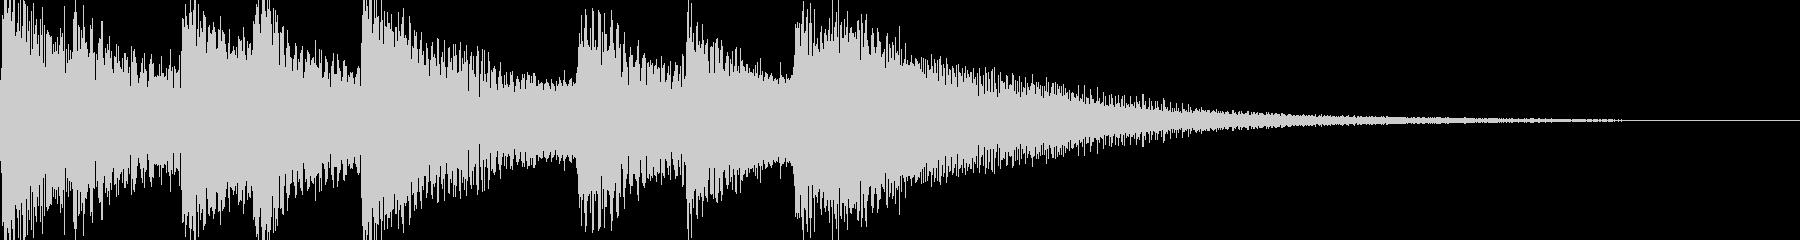 シンプルなジングル【ピアノ】その5です。の未再生の波形